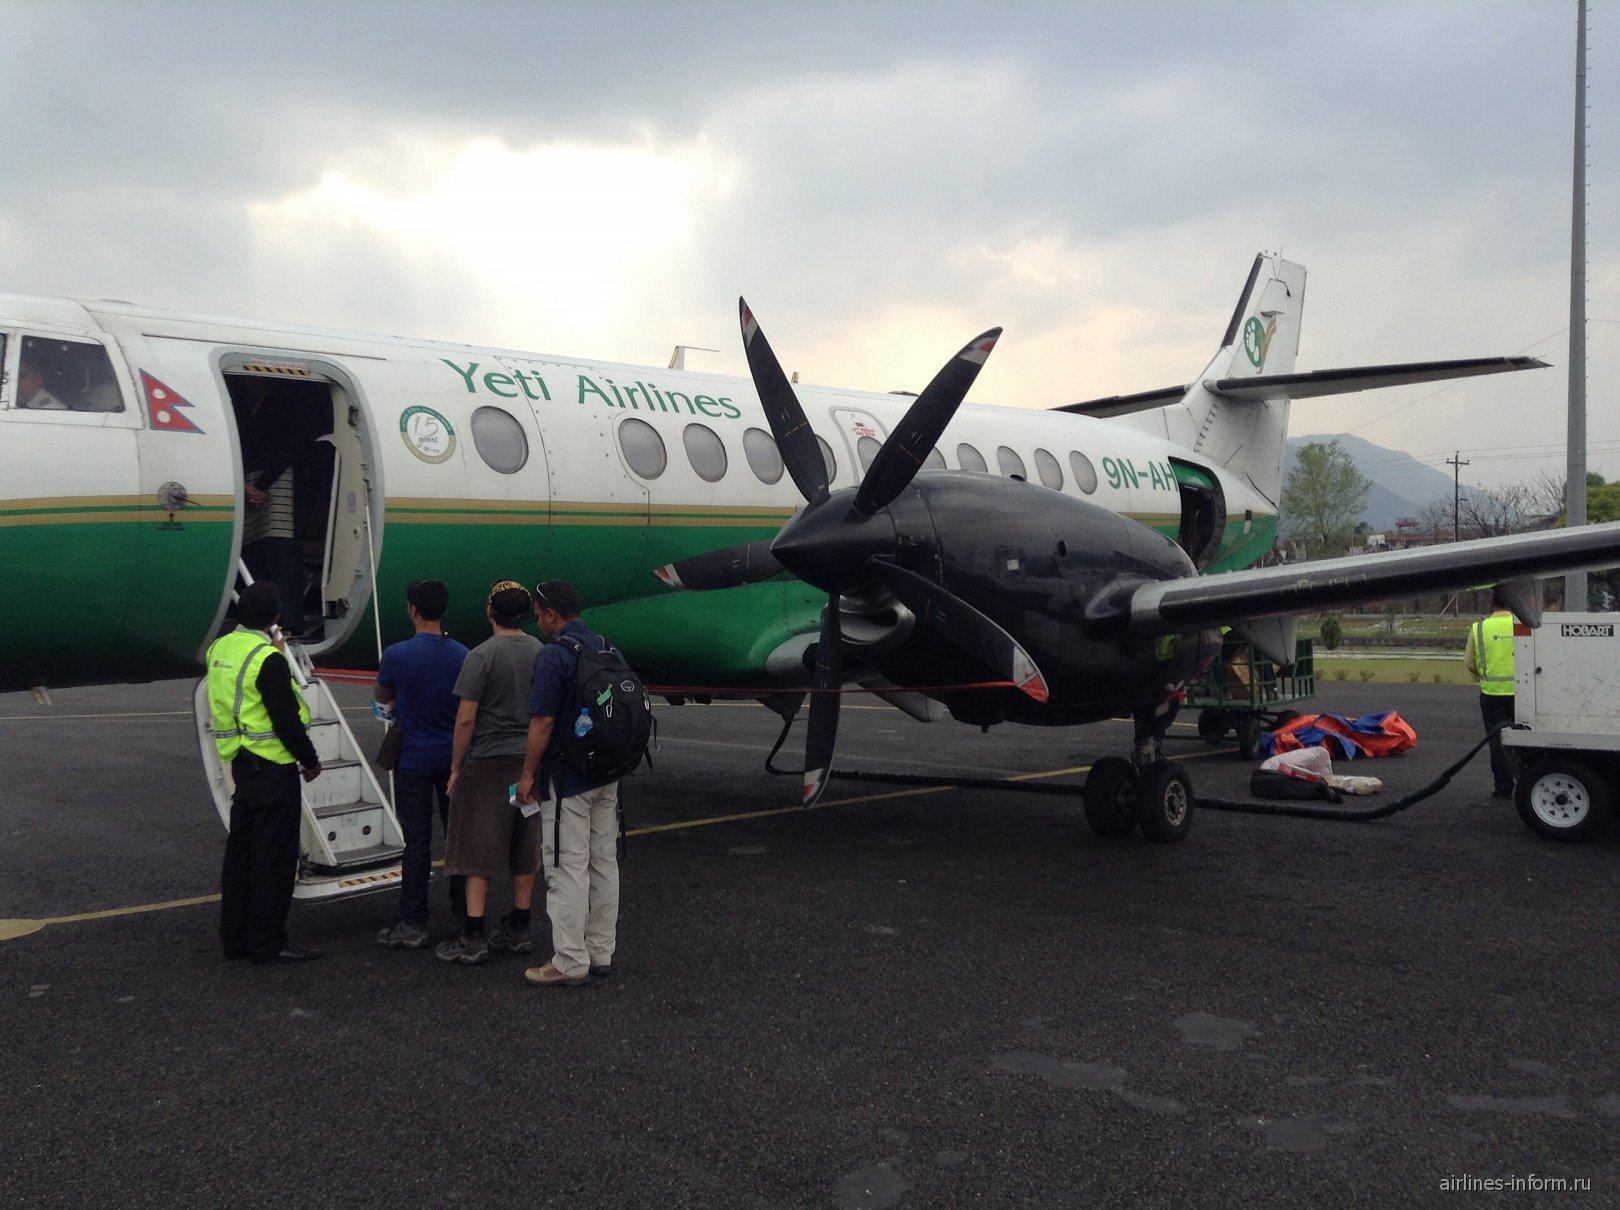 Покхара - Катманду с Yeti Airlines на ВАе  Jetstream 41